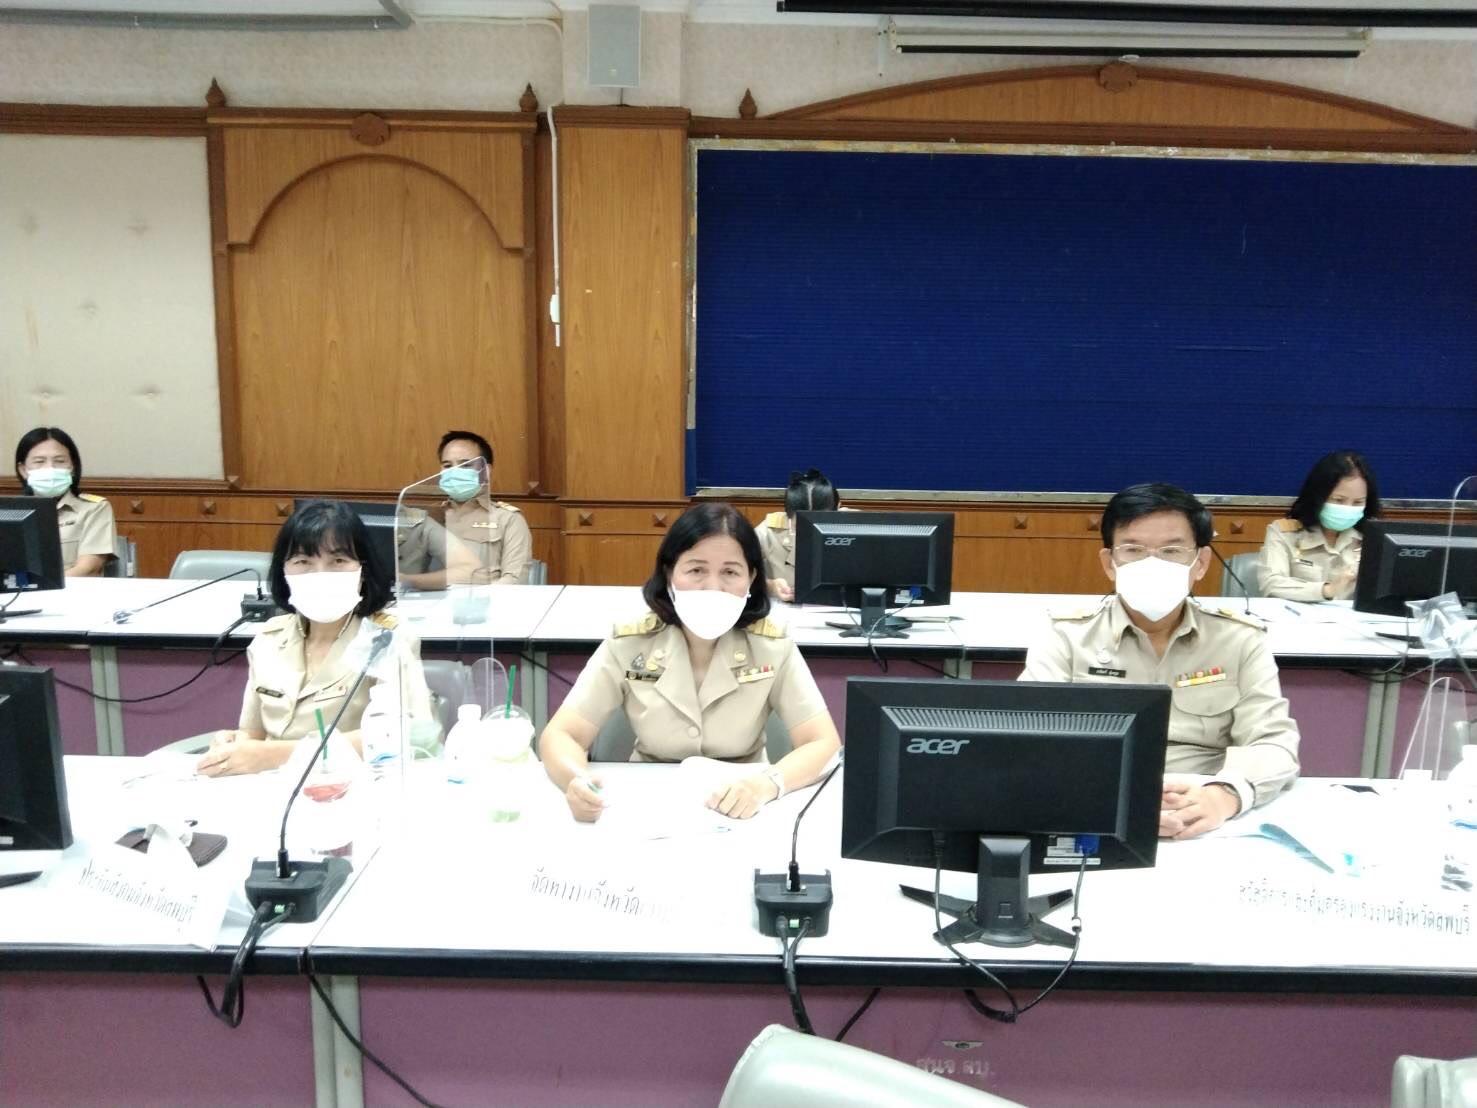 สำนักงานจัดหางานจังหวัดลพบุรี เข้าร่วมการประชุมชี้แจงขับเคลื่อนโครงการเพิ่มทักษะด้านอาชีพแก่นักเรียน